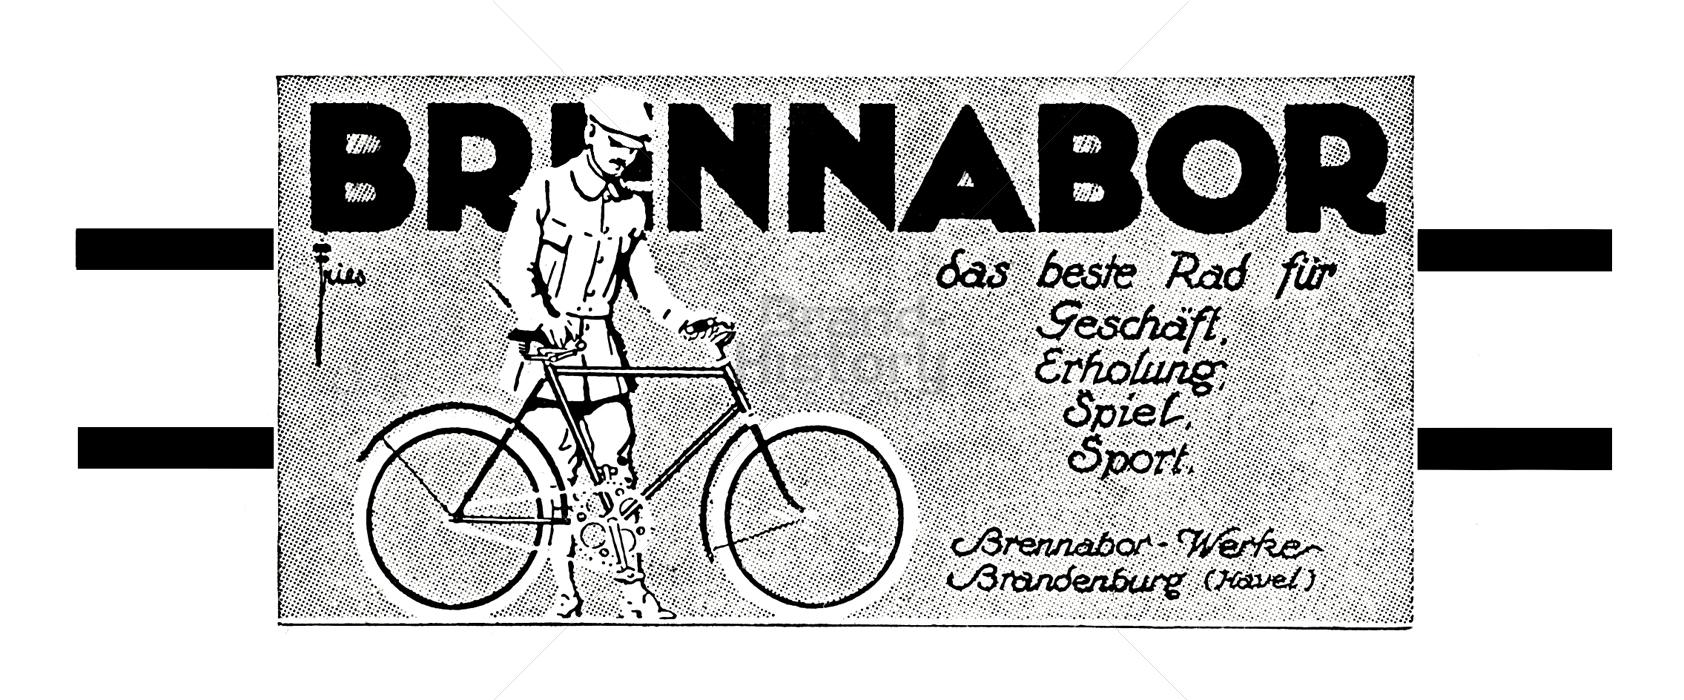 J. Fries, Flensburg Prima Fahrräder enorm billig. J. Fries